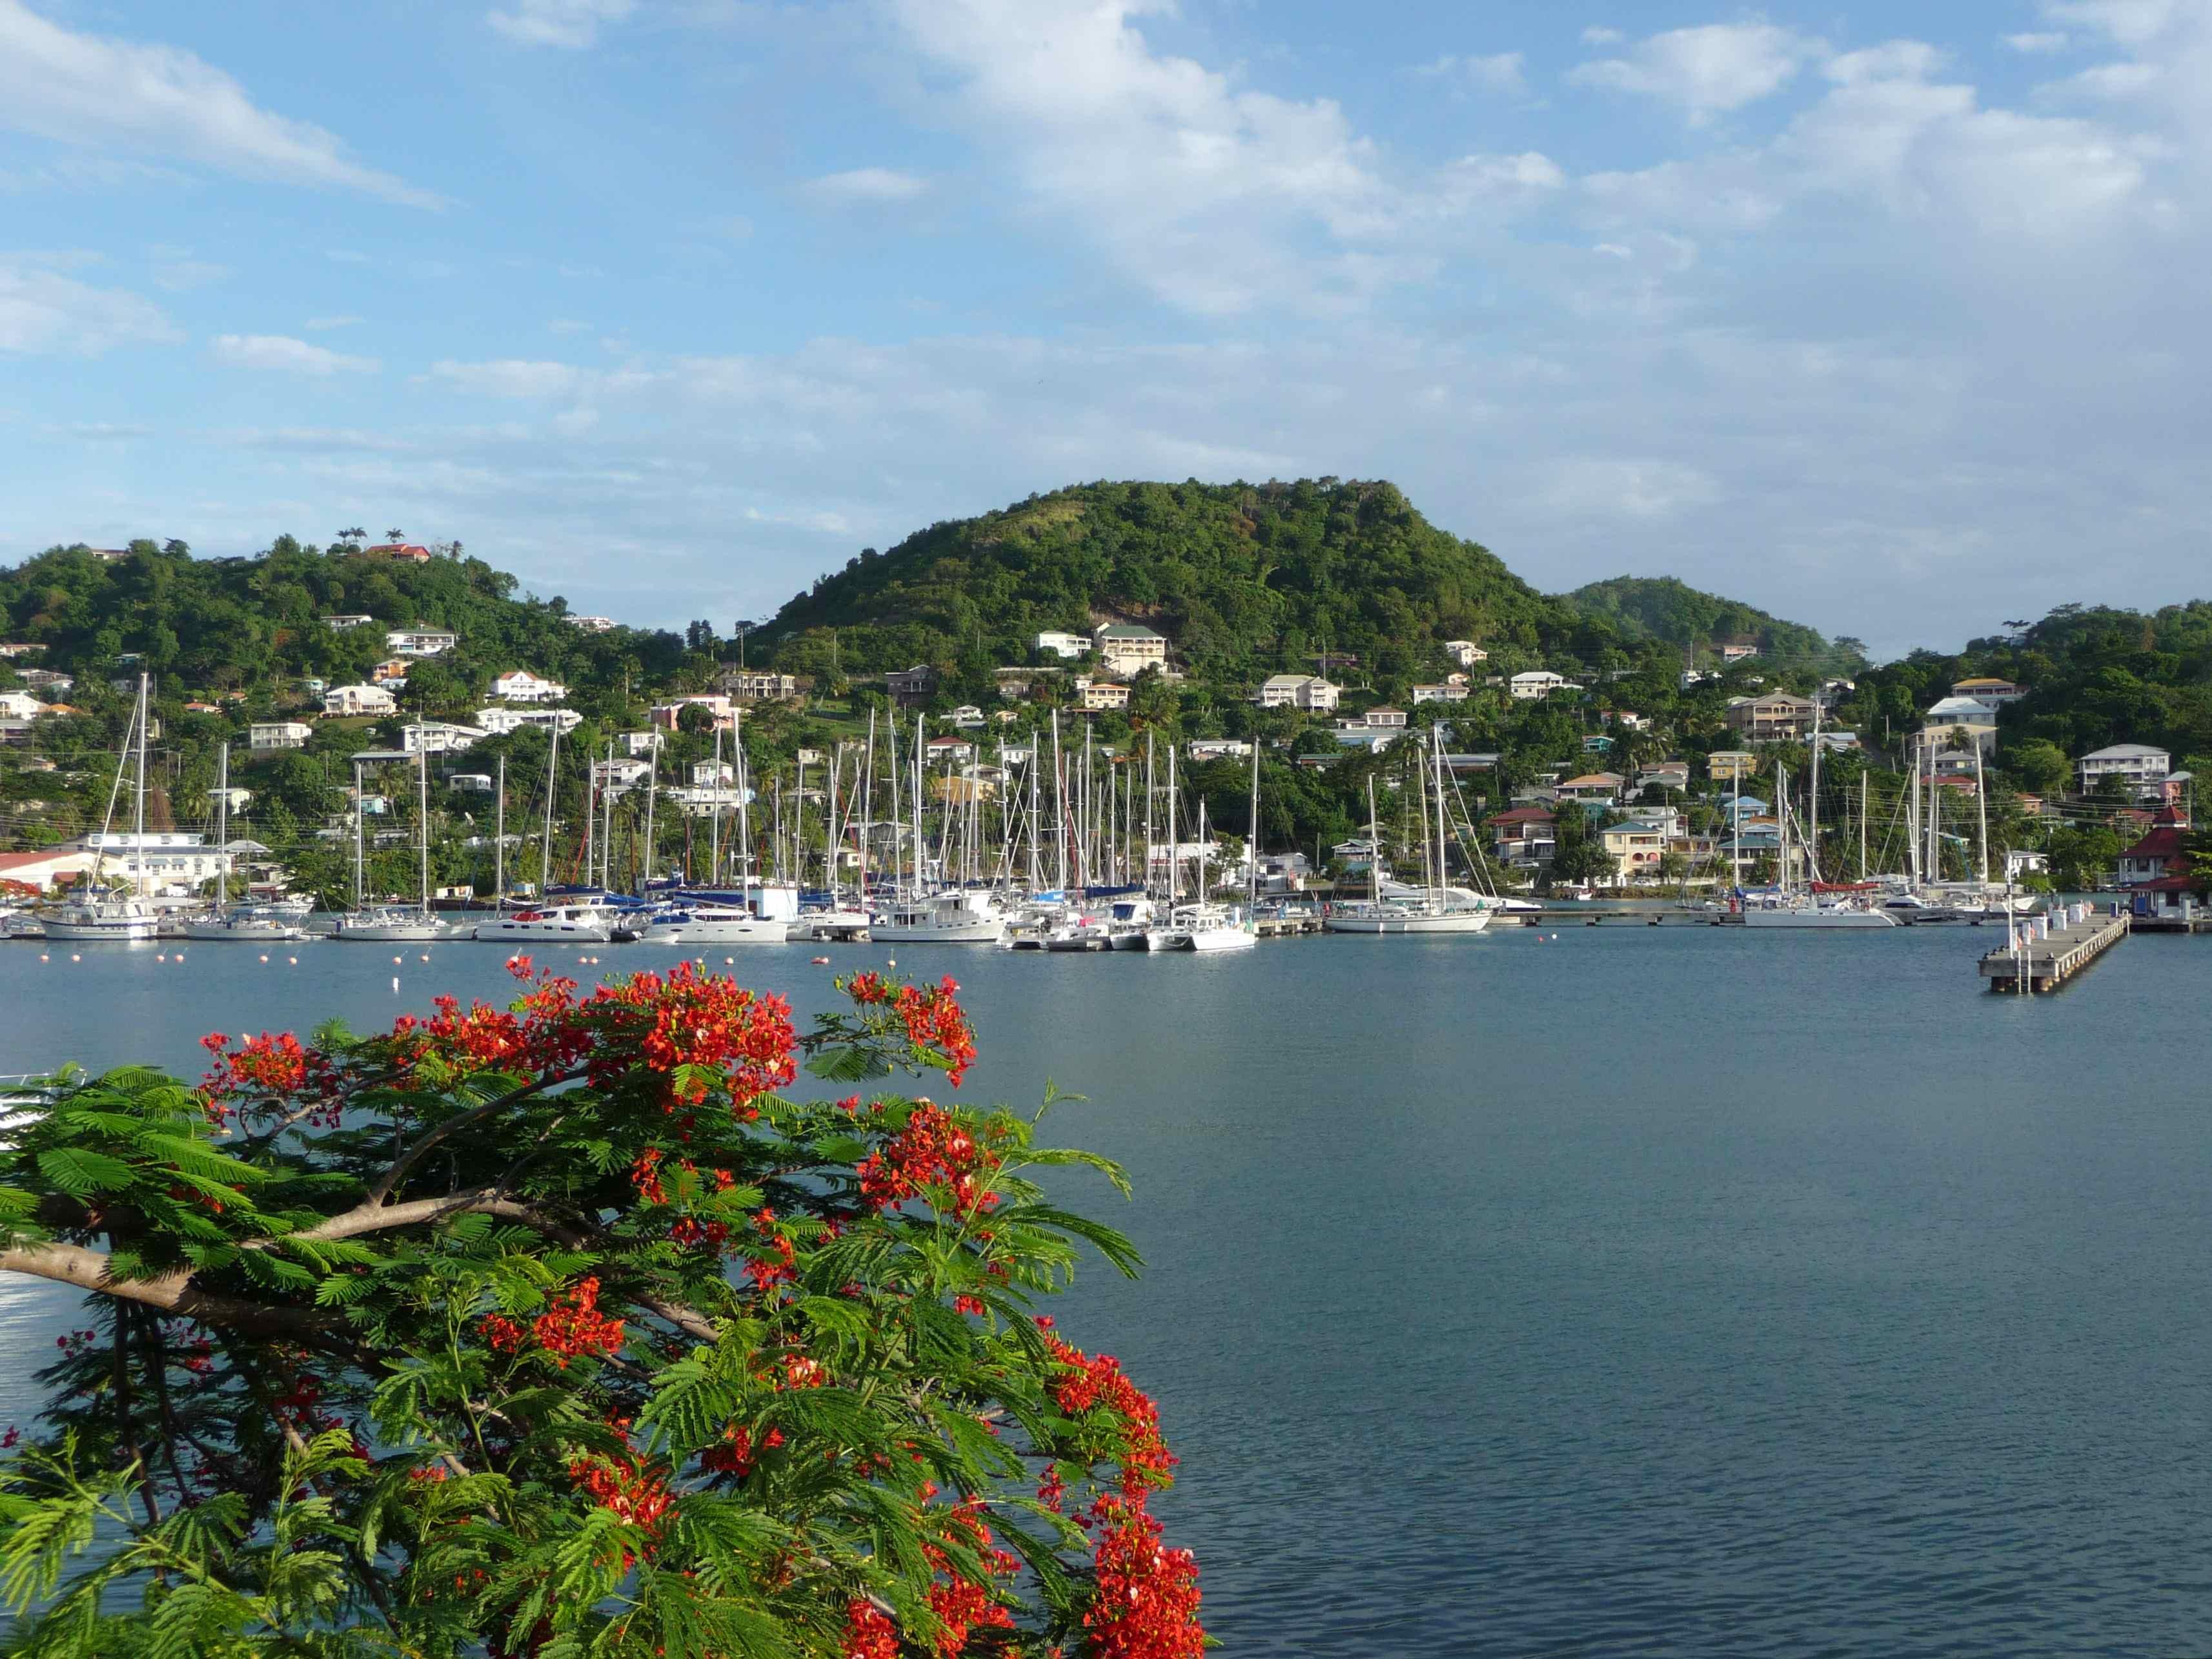 Noleggio Barche Port Louis – Isola di Grenada - Navalia | Noleggia un Sogno